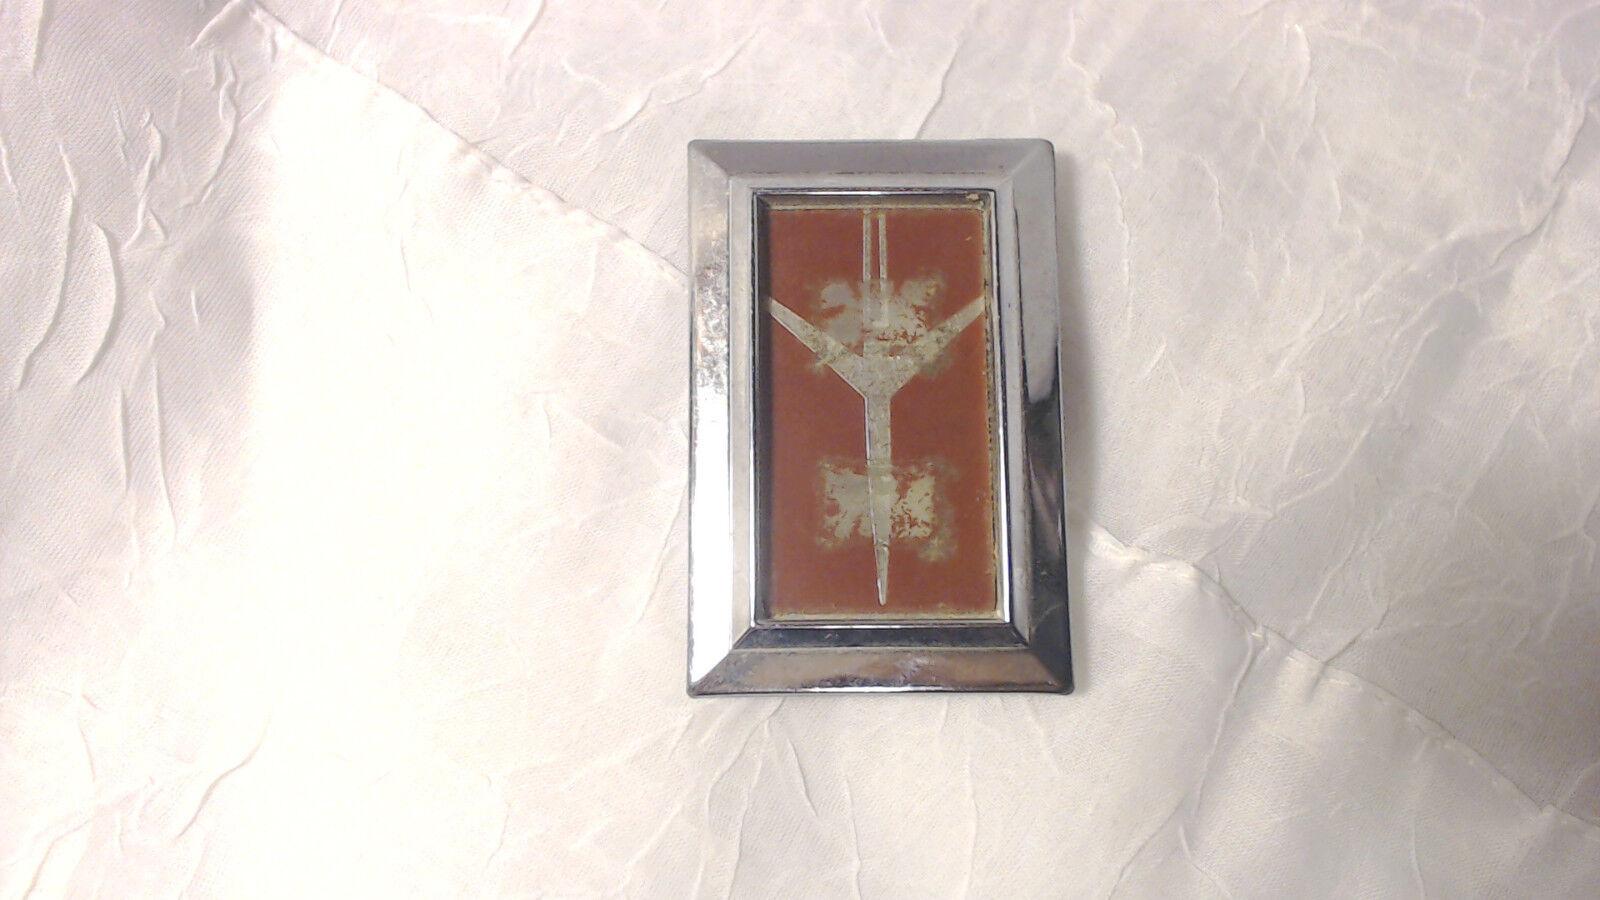 Oldsmobile red rocket emblem part number 790613-3